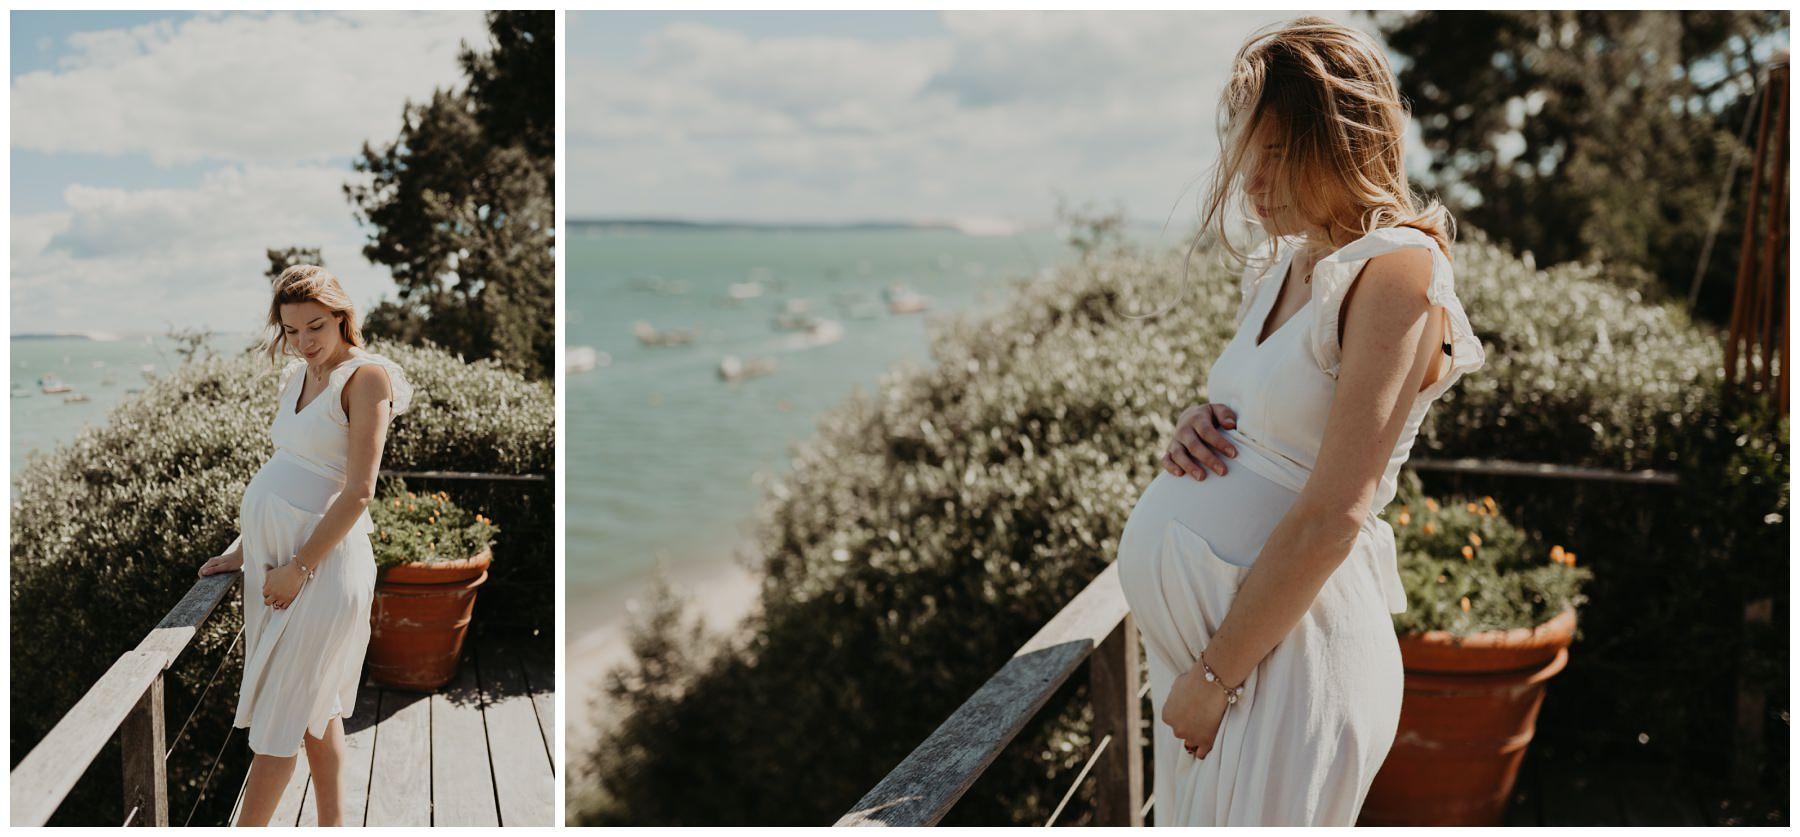 femme enceinte photographie cap ferret